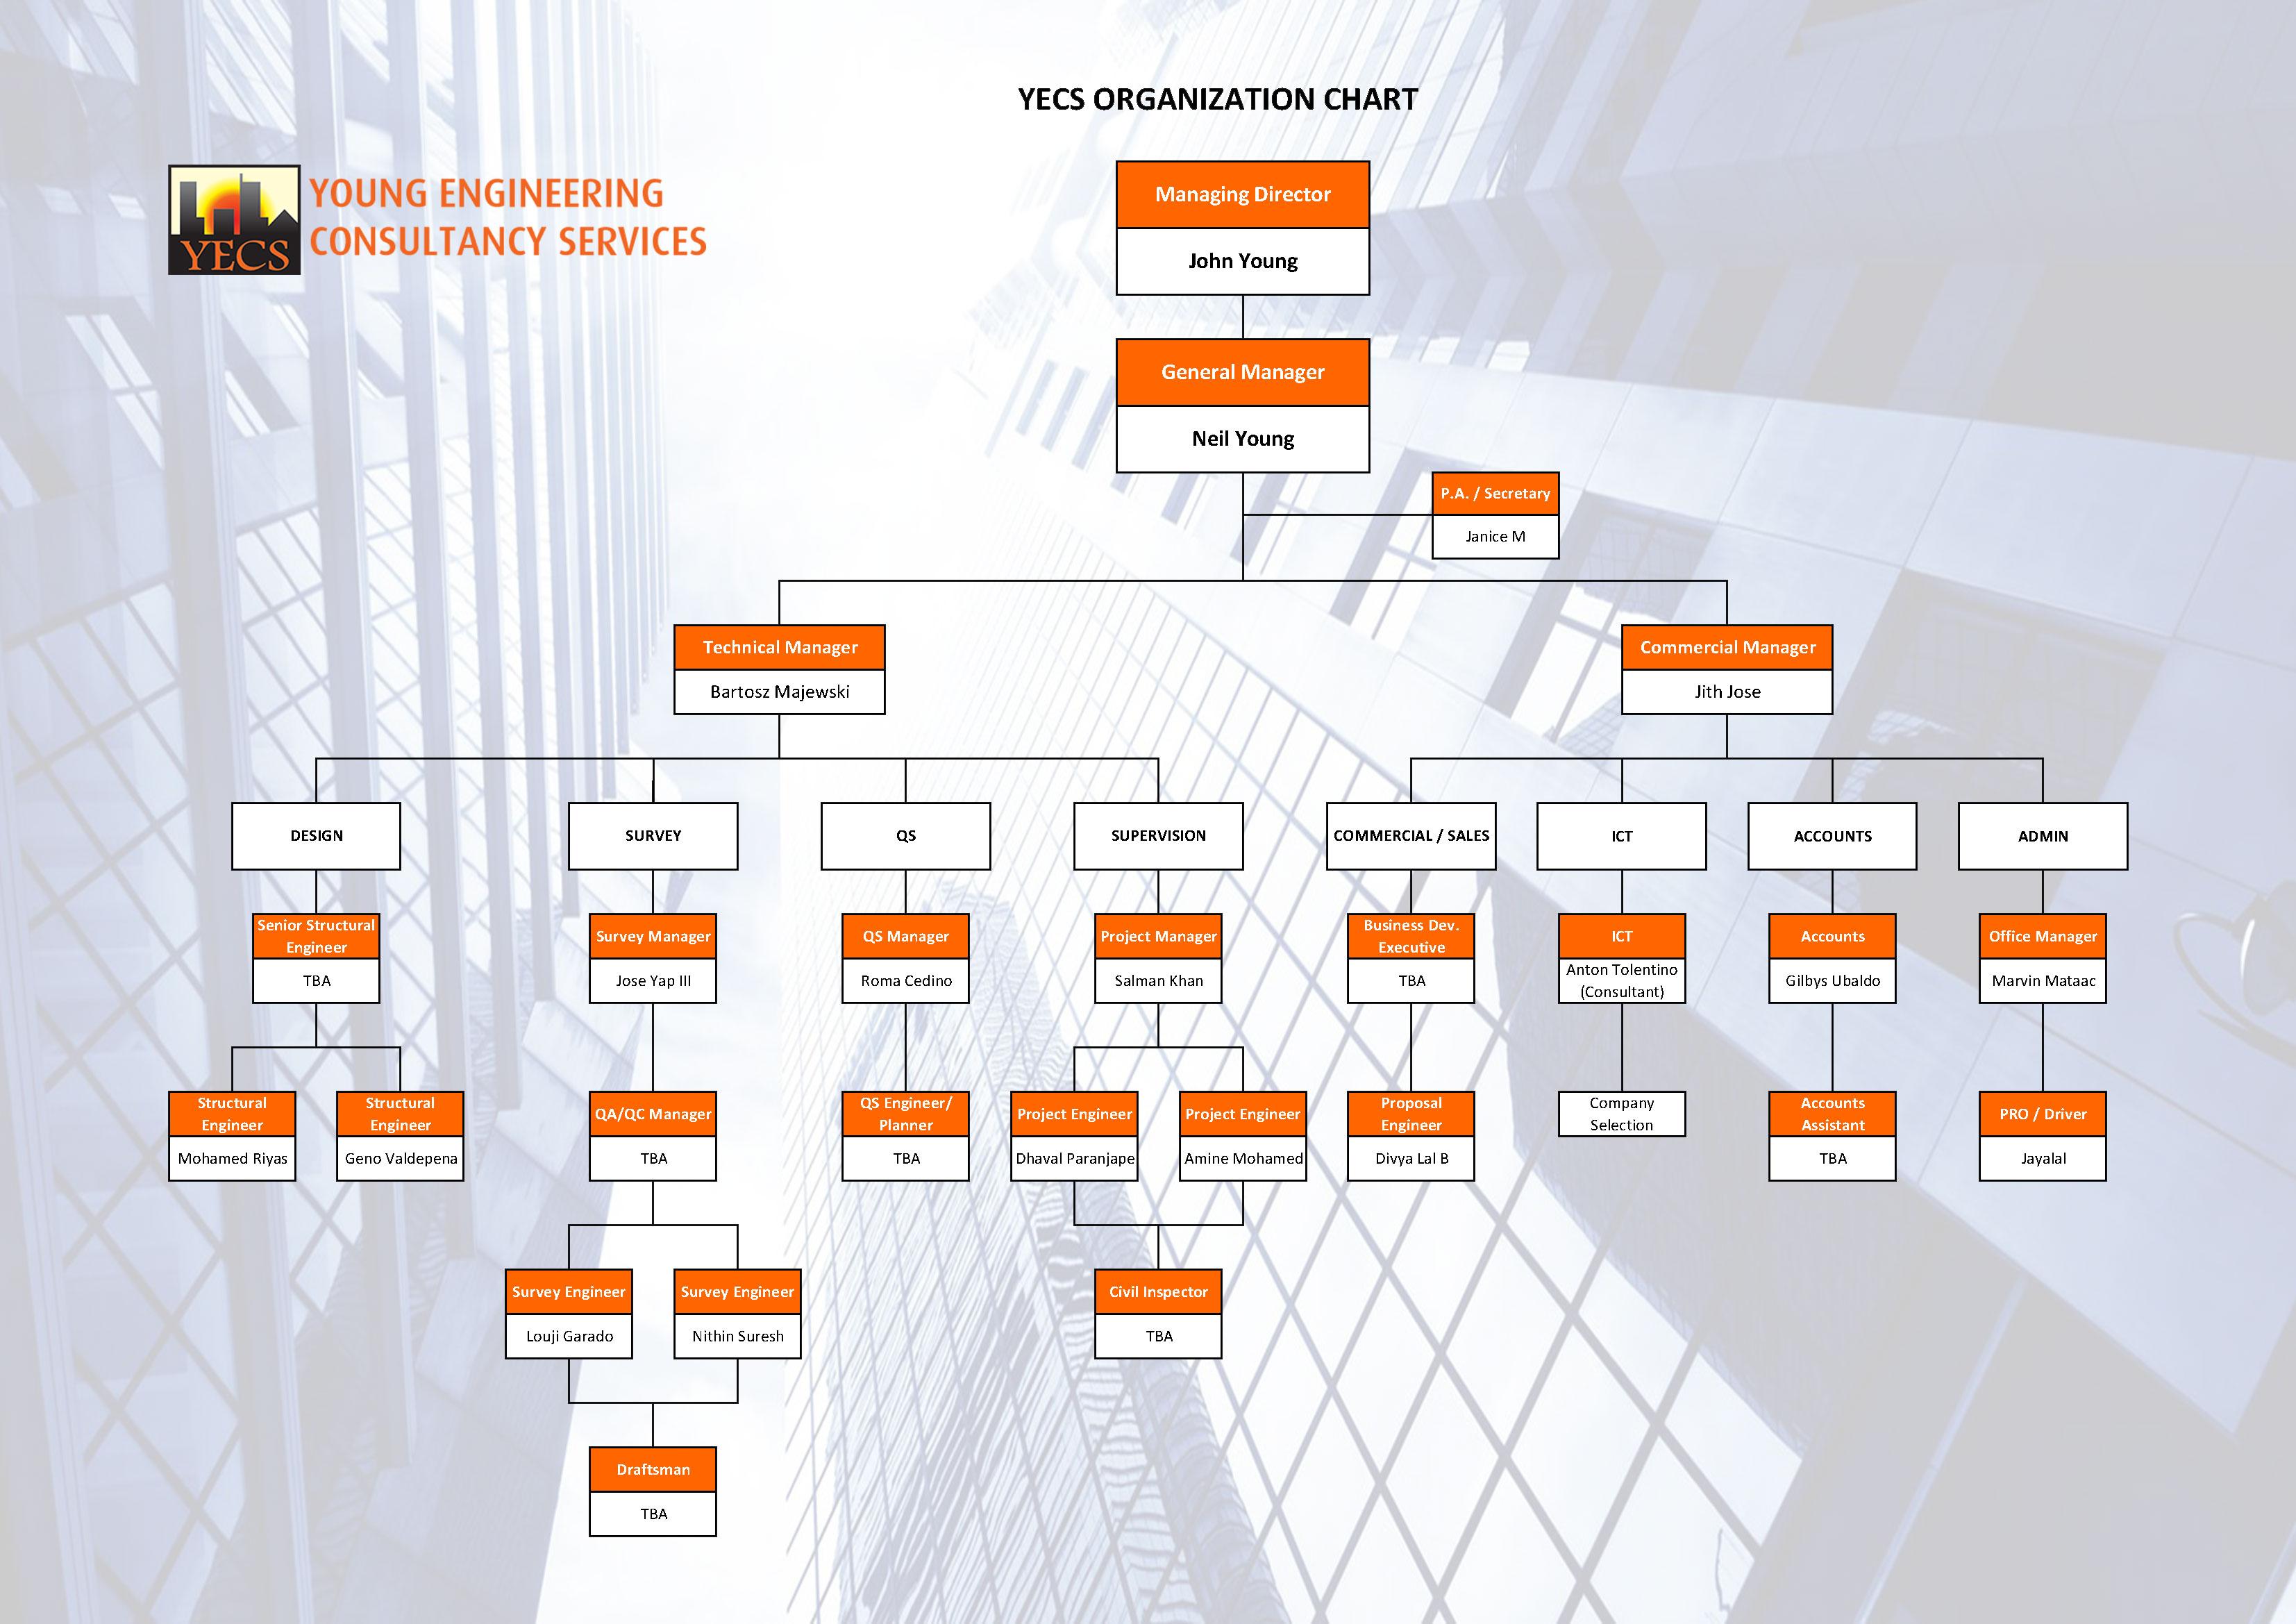 YECS-Organization-Chart